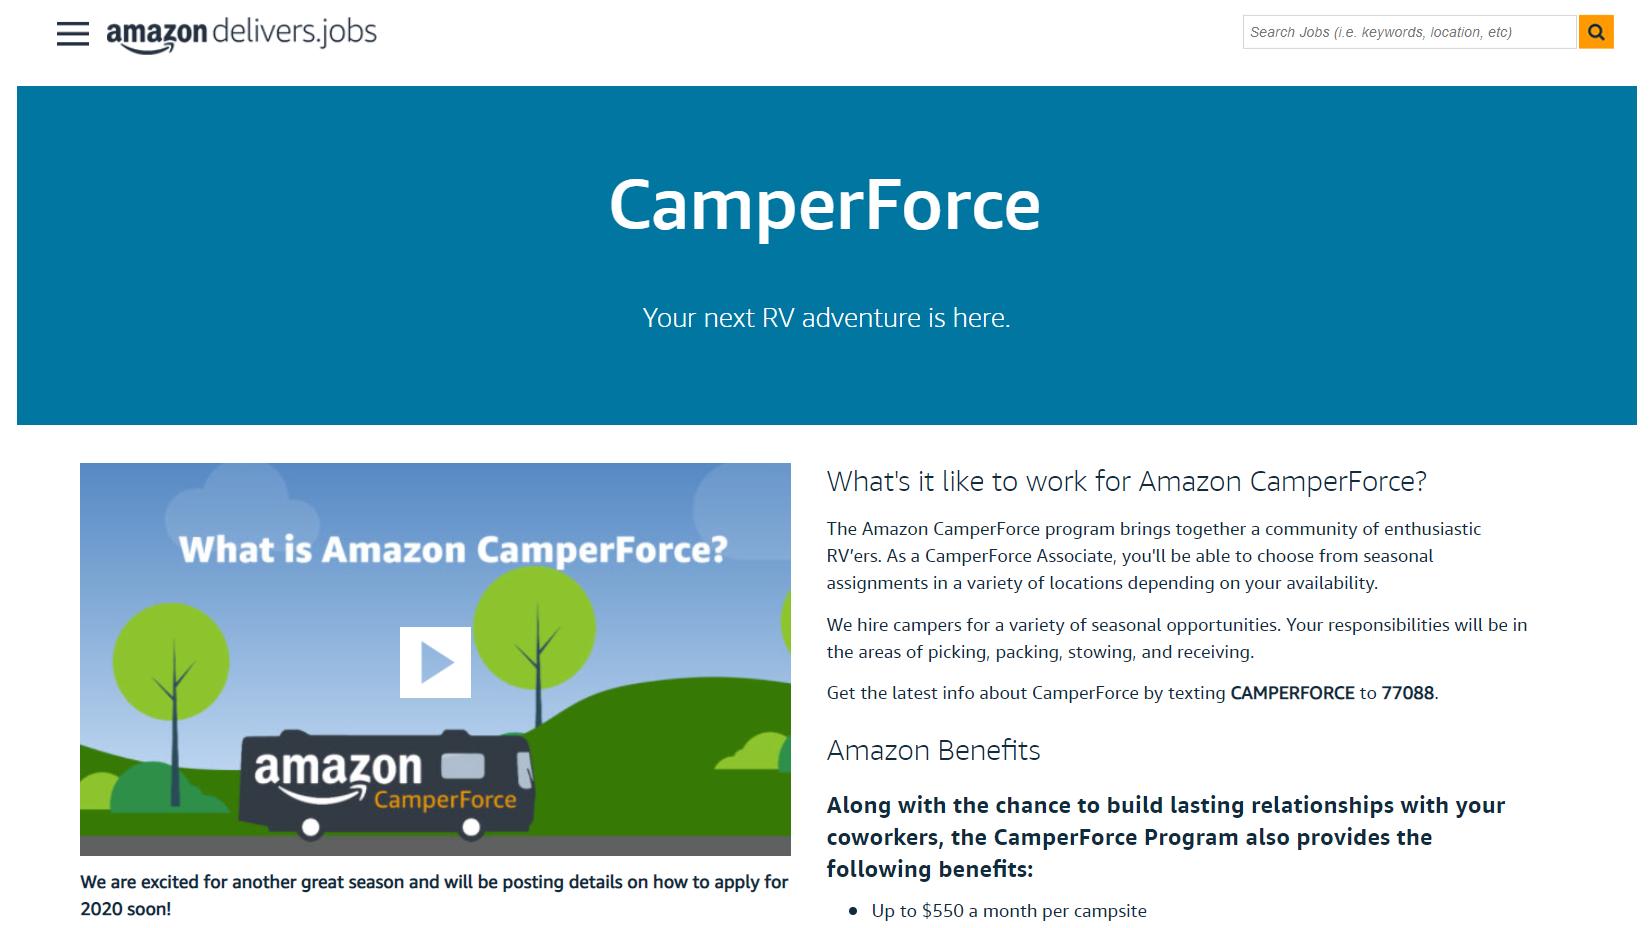 CamperForce-side-hustle